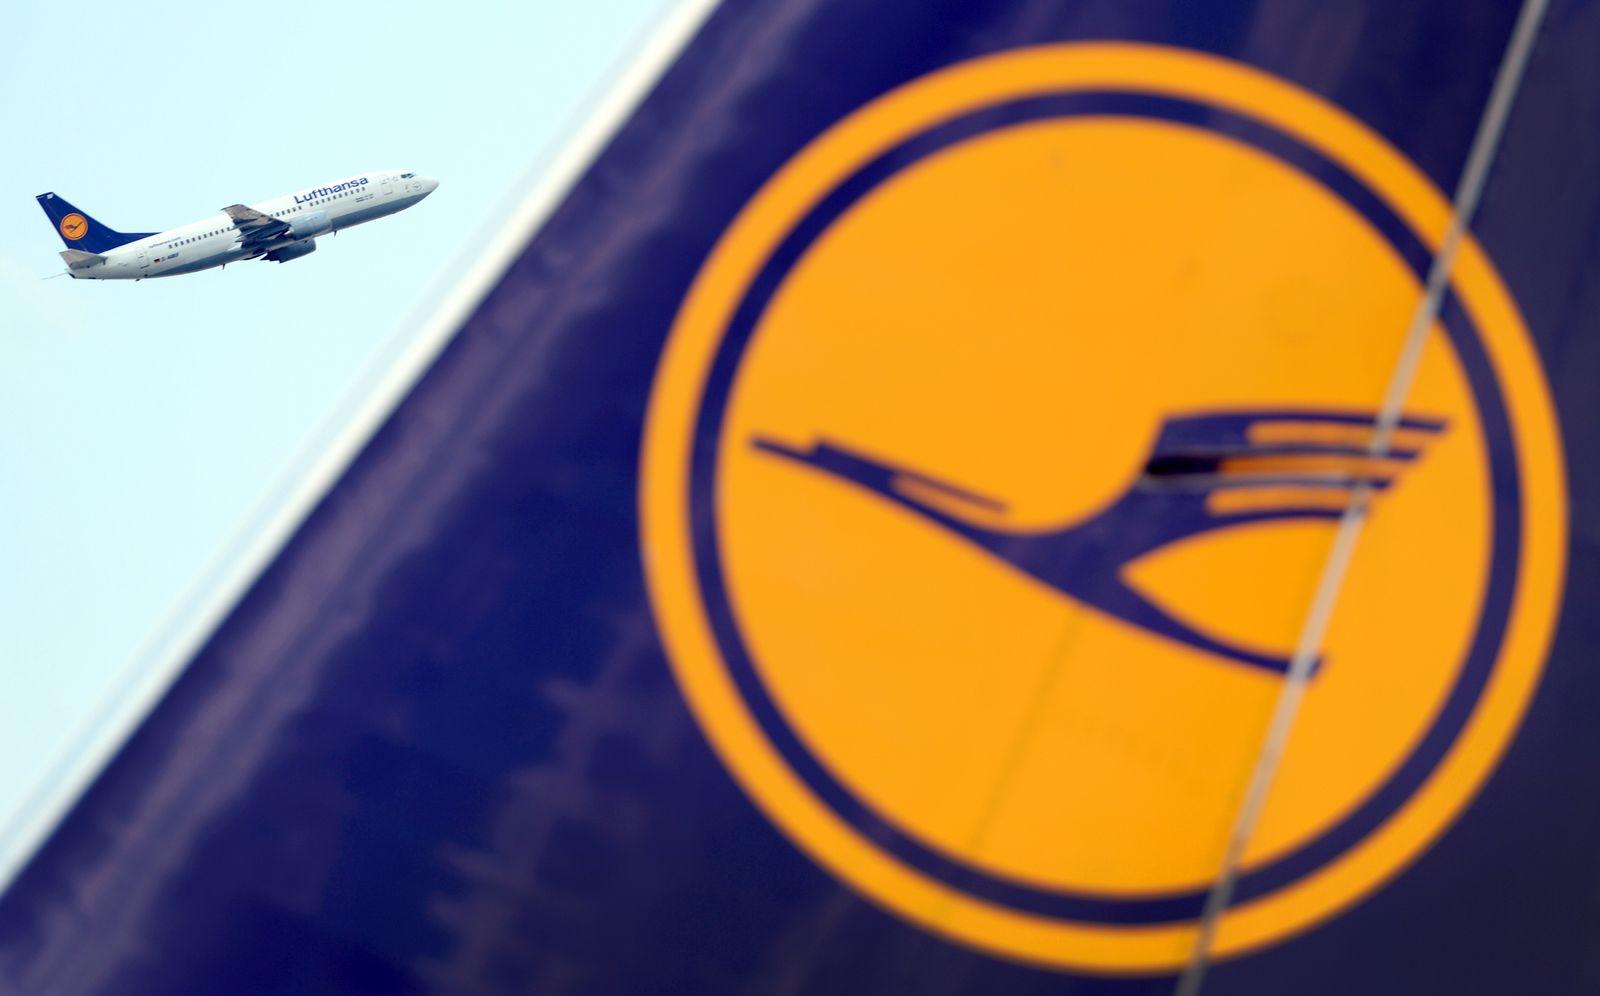 Lufthansa streicht Flug nach Teheran